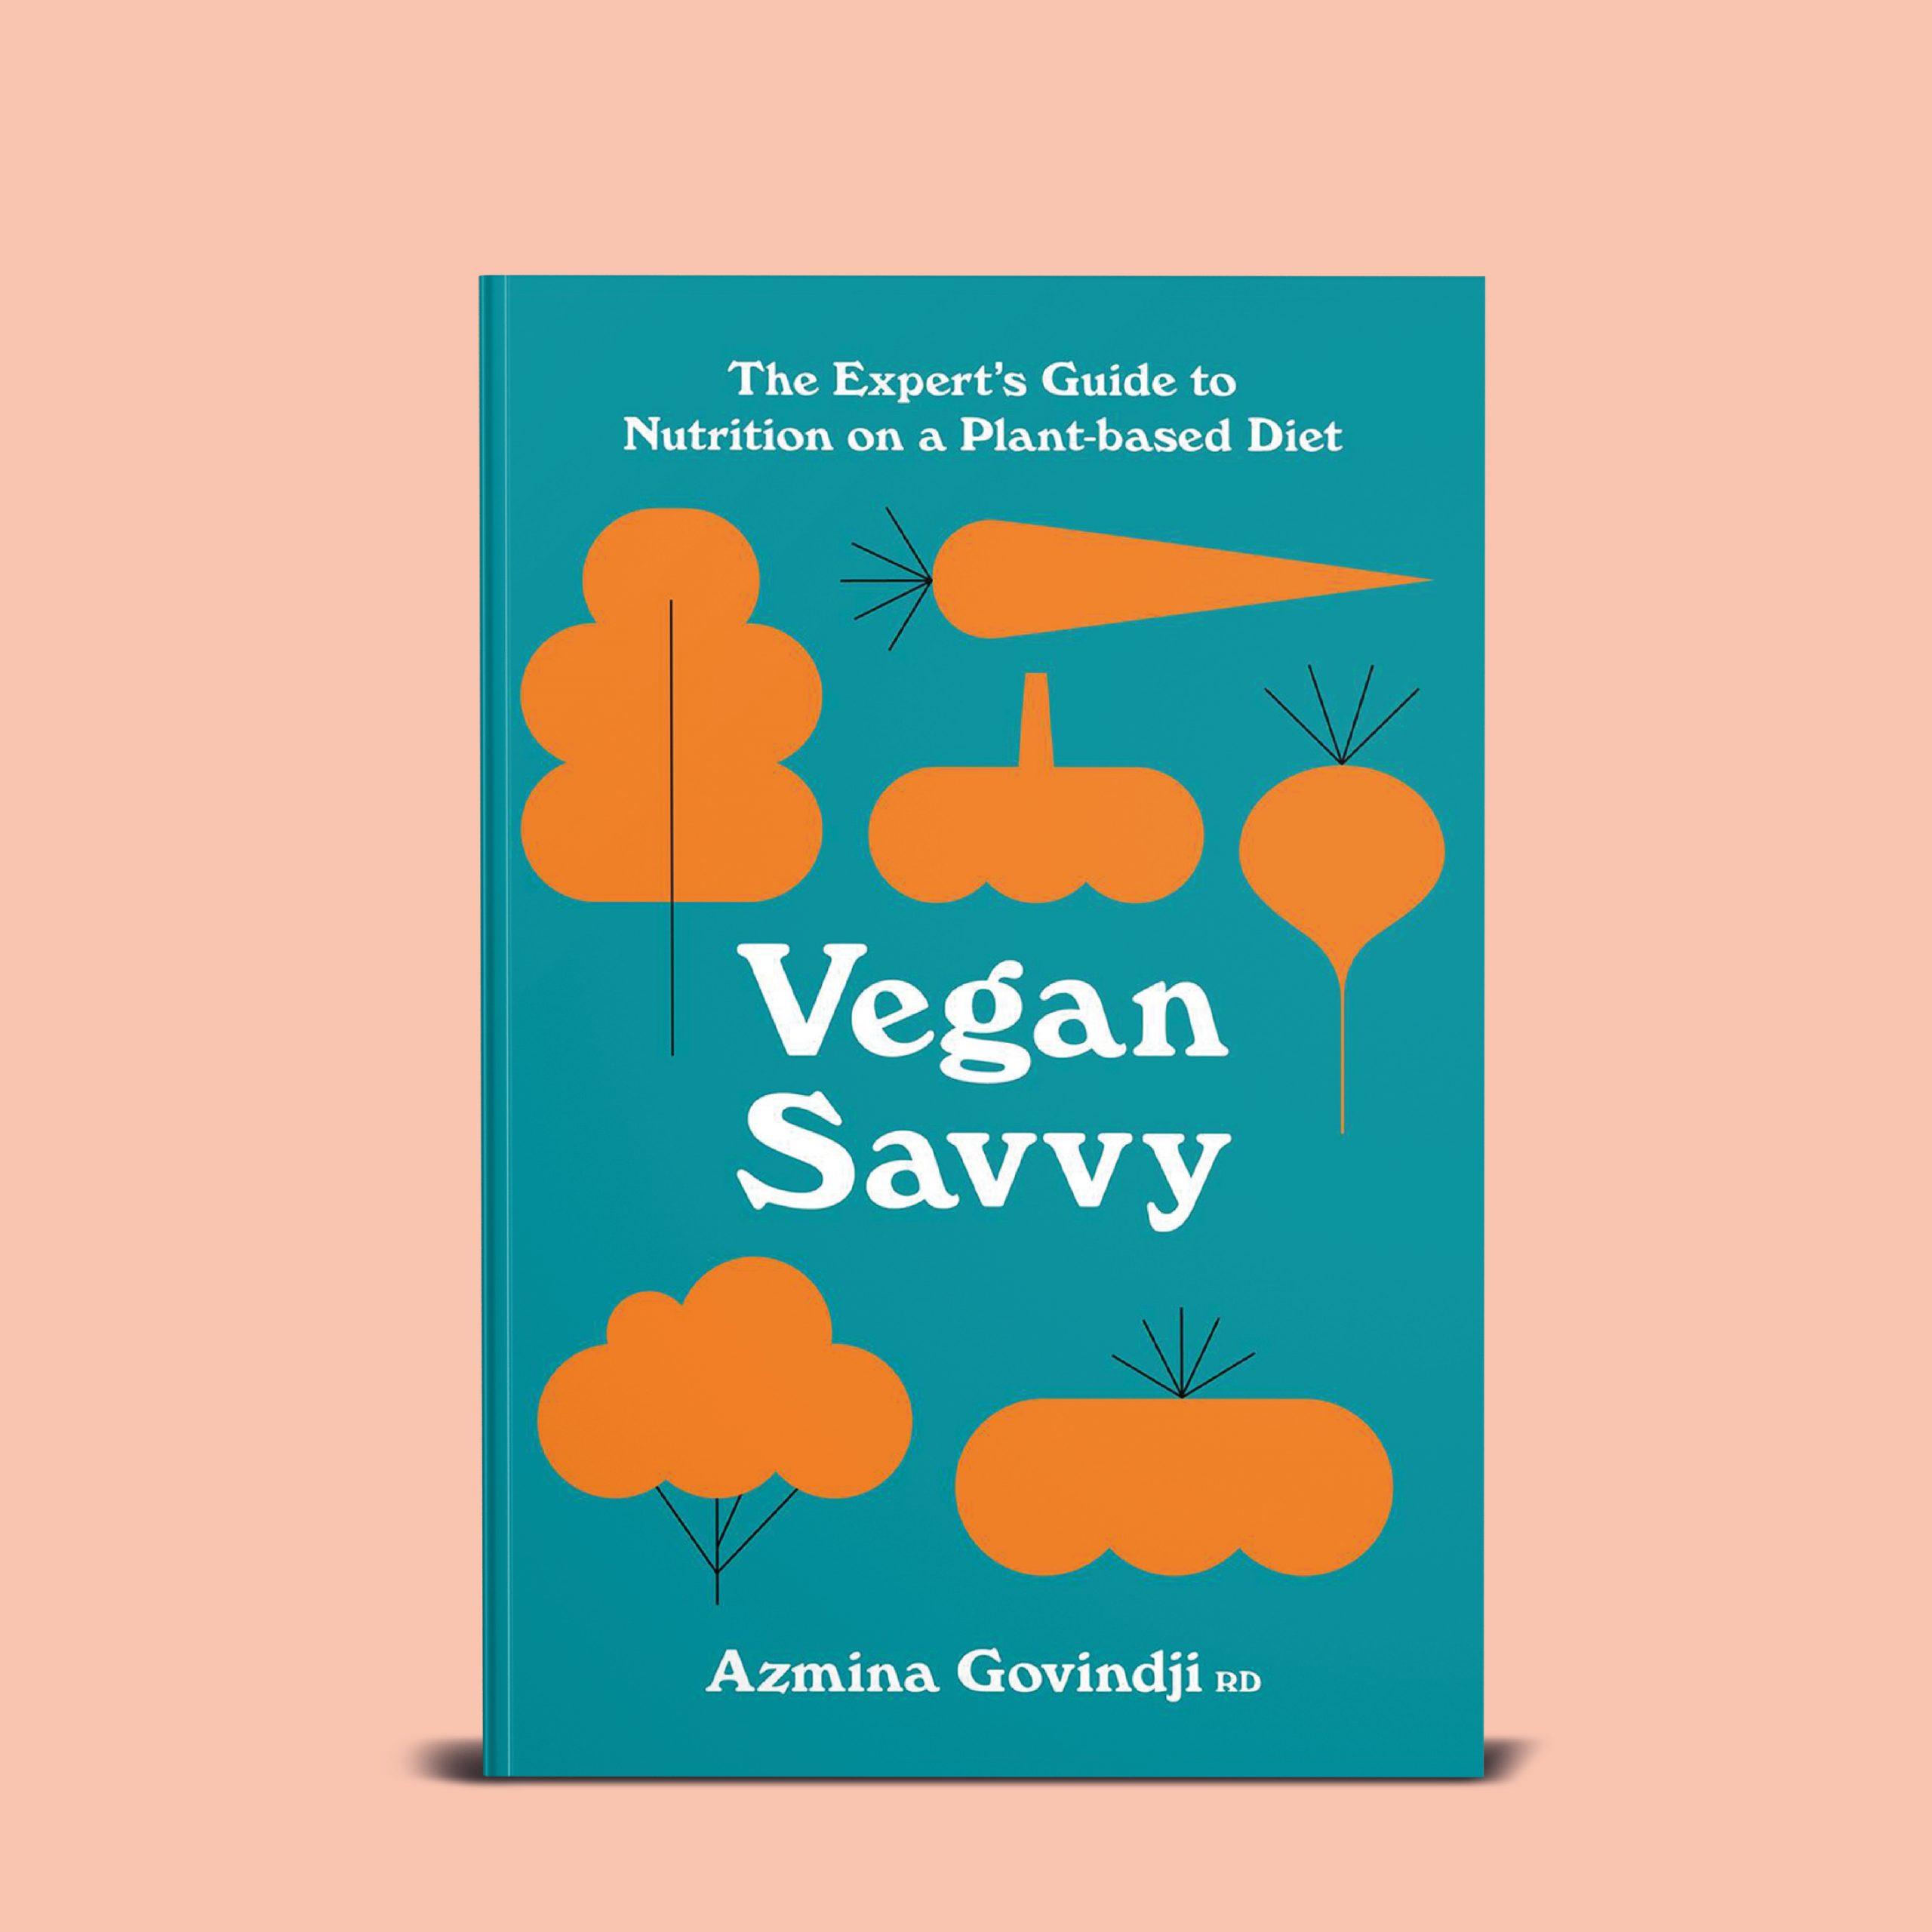 Book cover - vegan savvy - Azmina Govindji